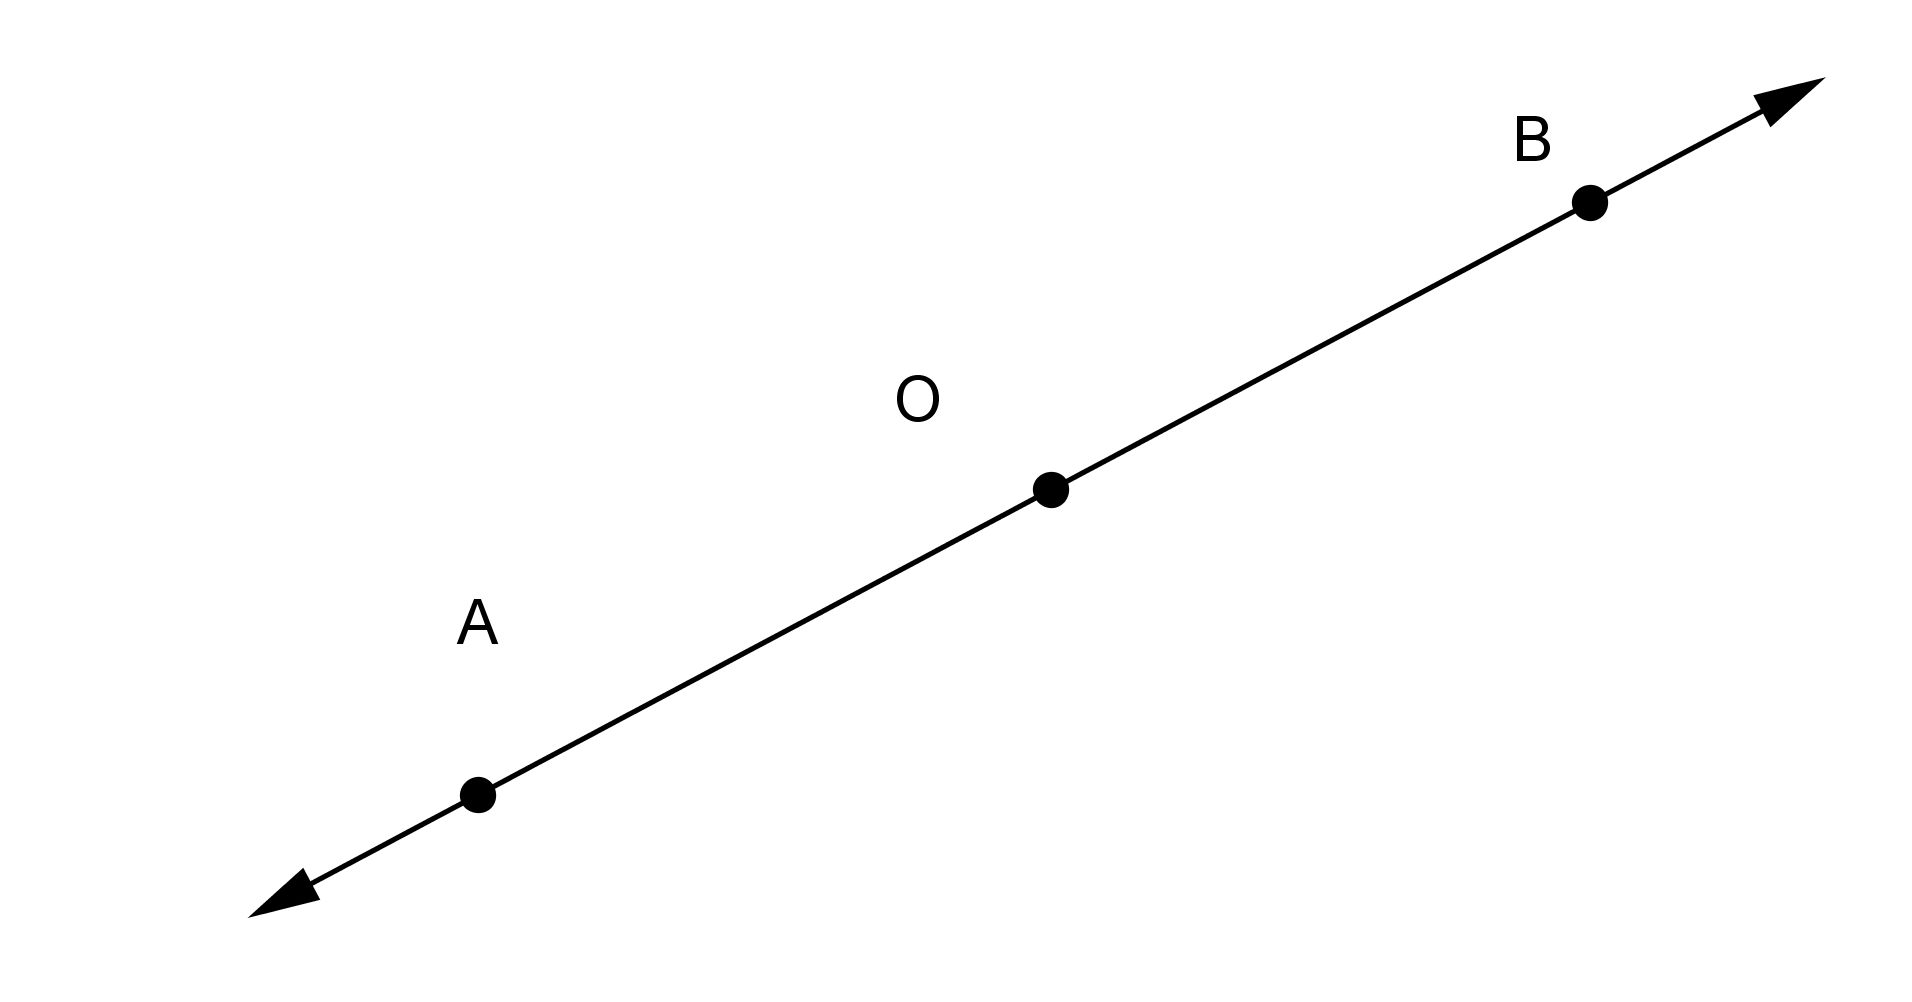 ejemplo de linea recta: